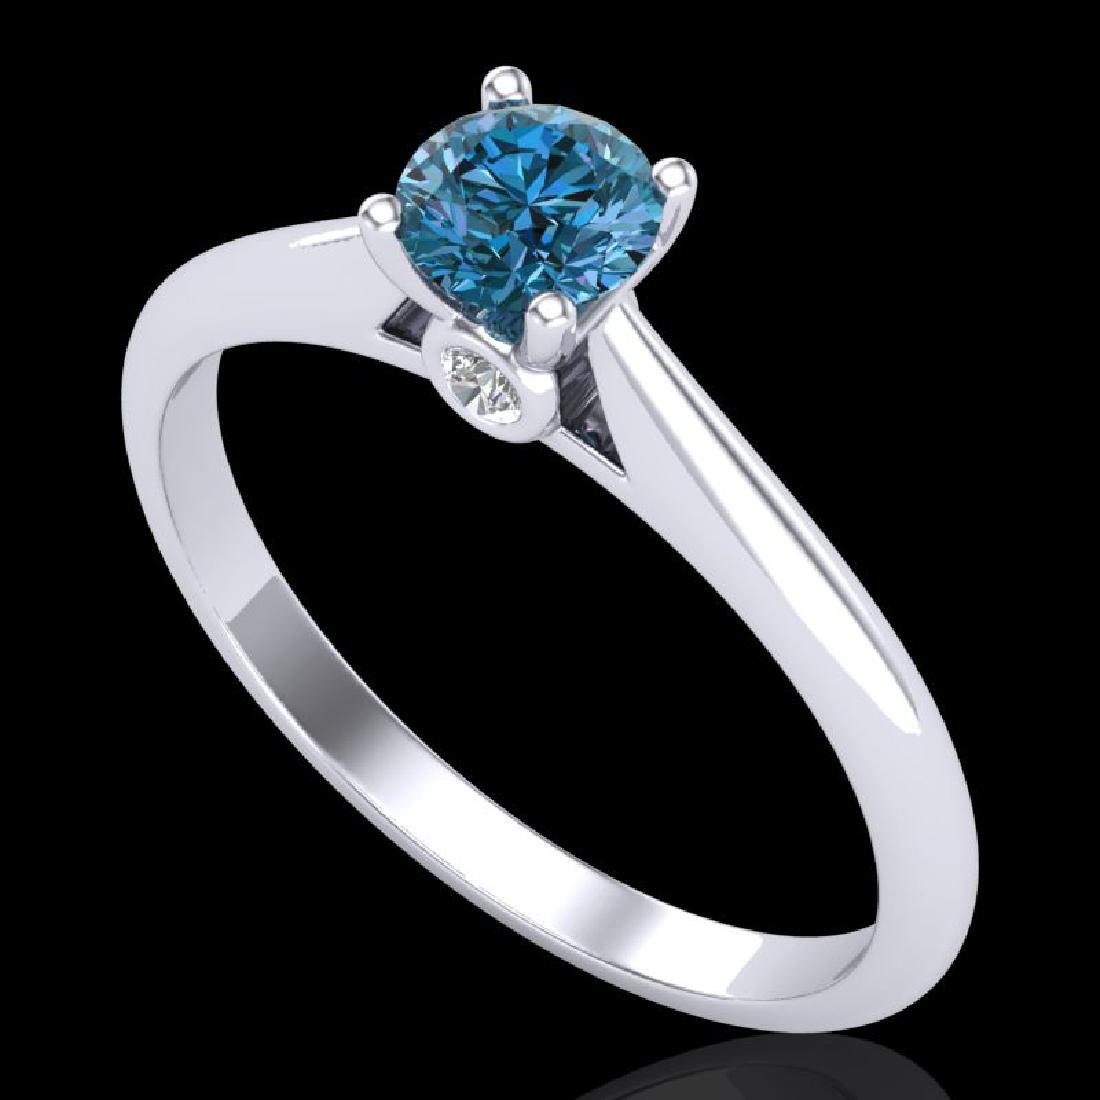 0.4 CTW Intense Blue Diamond Solitaire Engagement Art